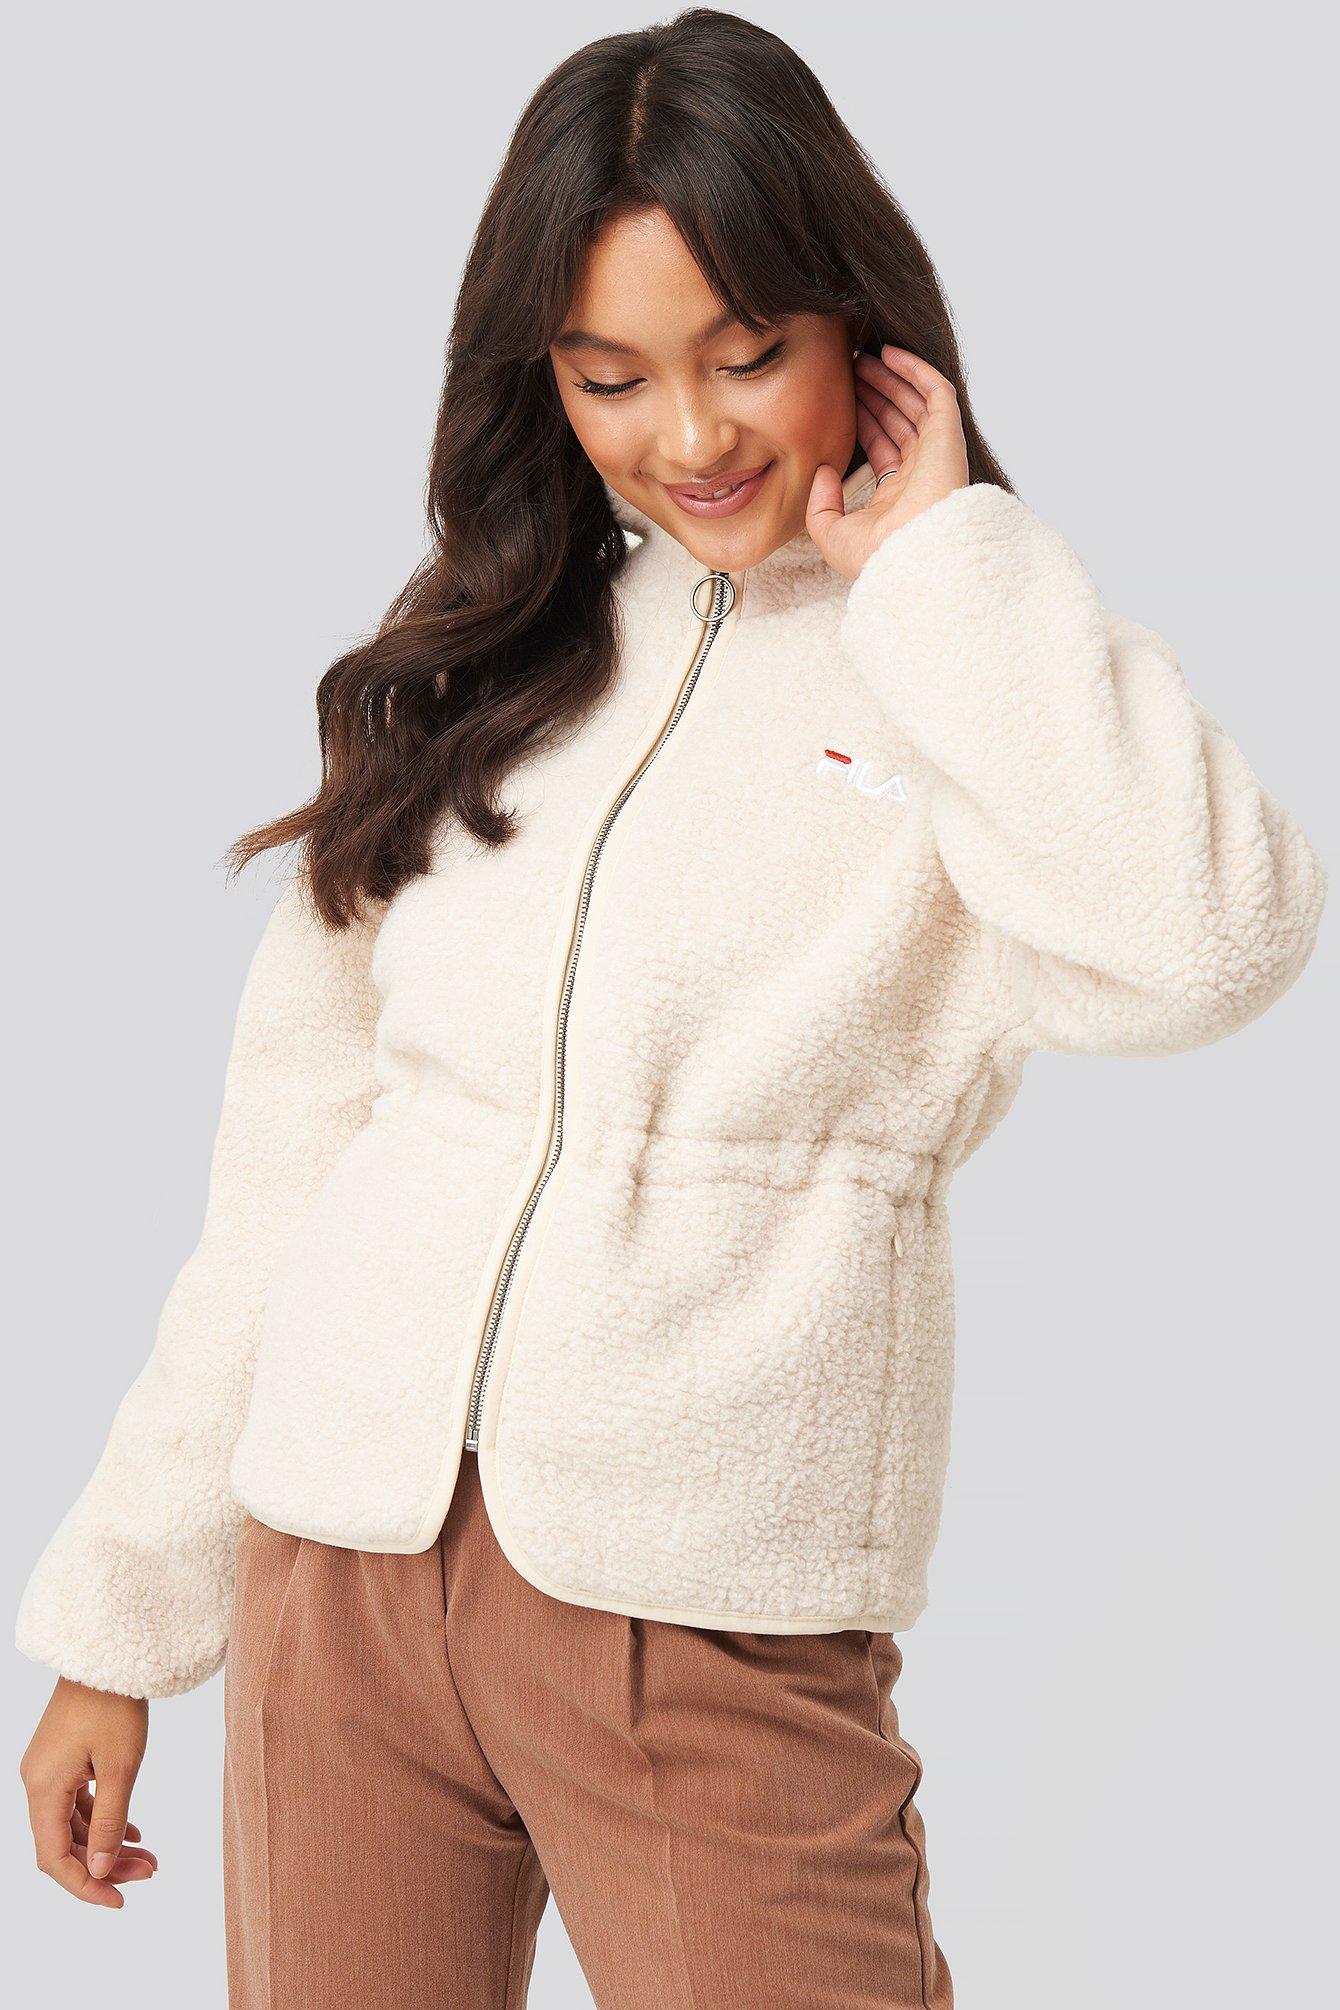 Fila Jackets Hajar Sherpa Fleece Jacket White